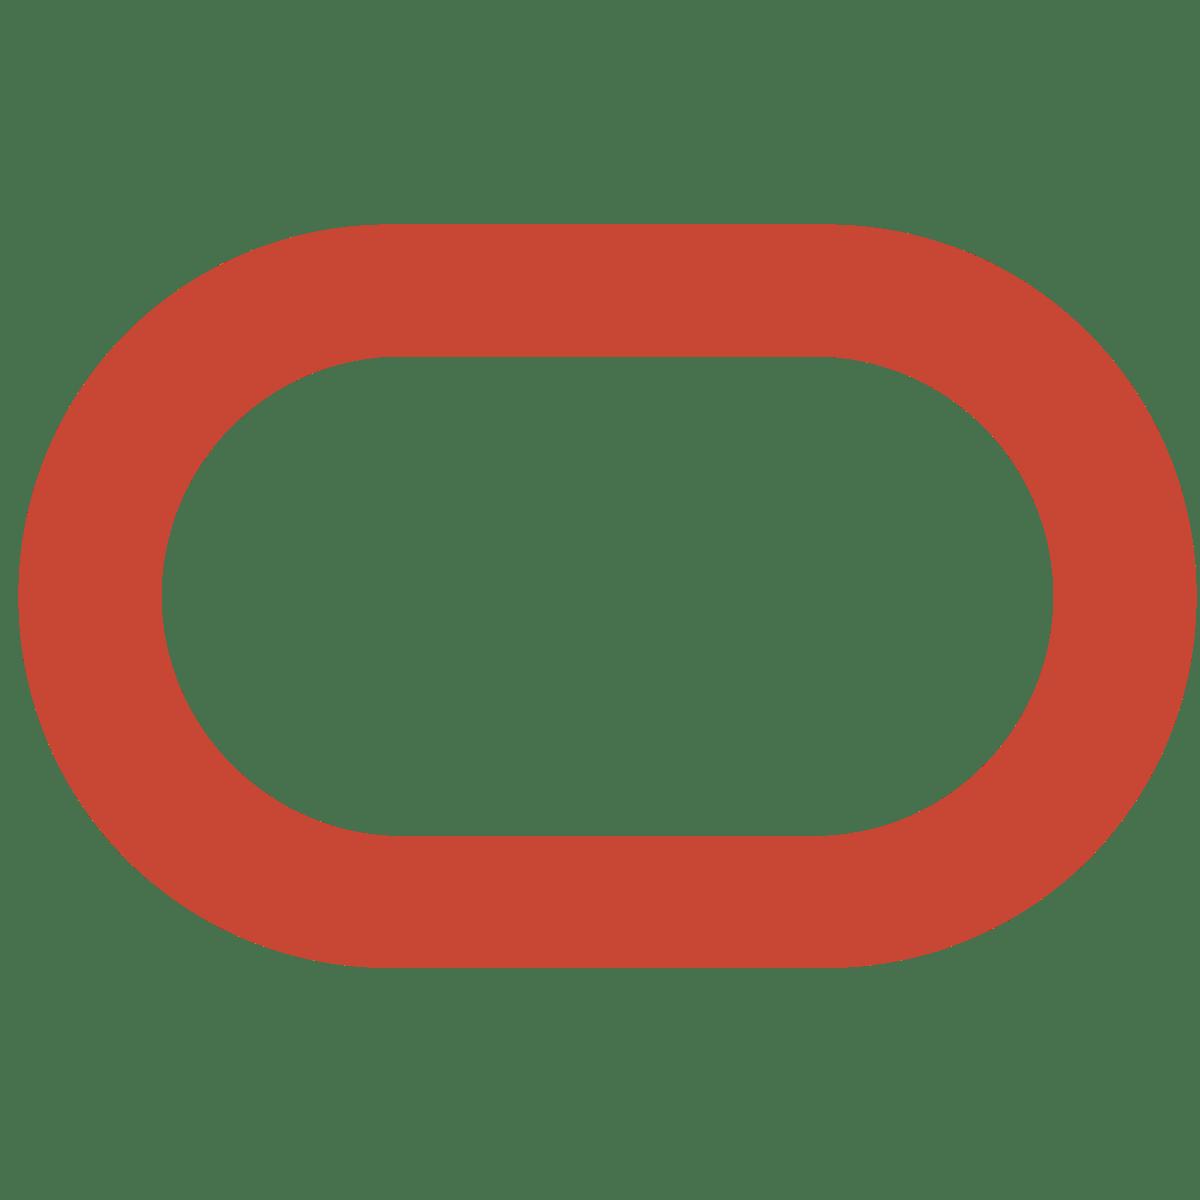 Oracle | Fundamentale Aktienanalyse